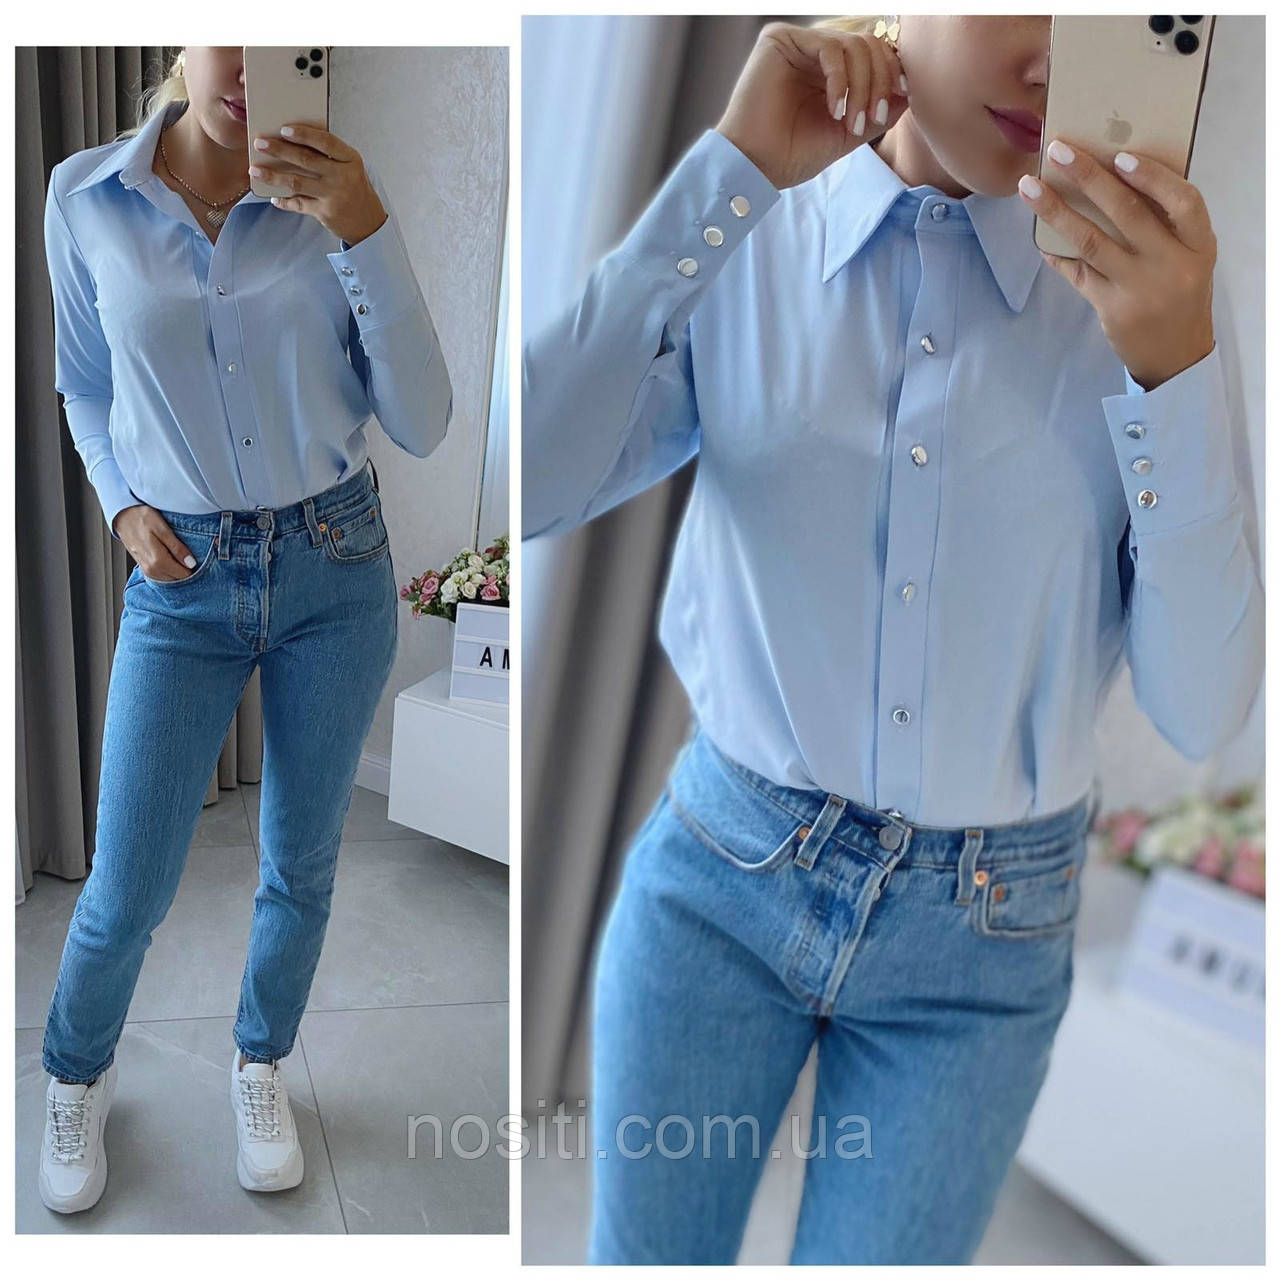 Женская рубашка пуговицы на манжетах